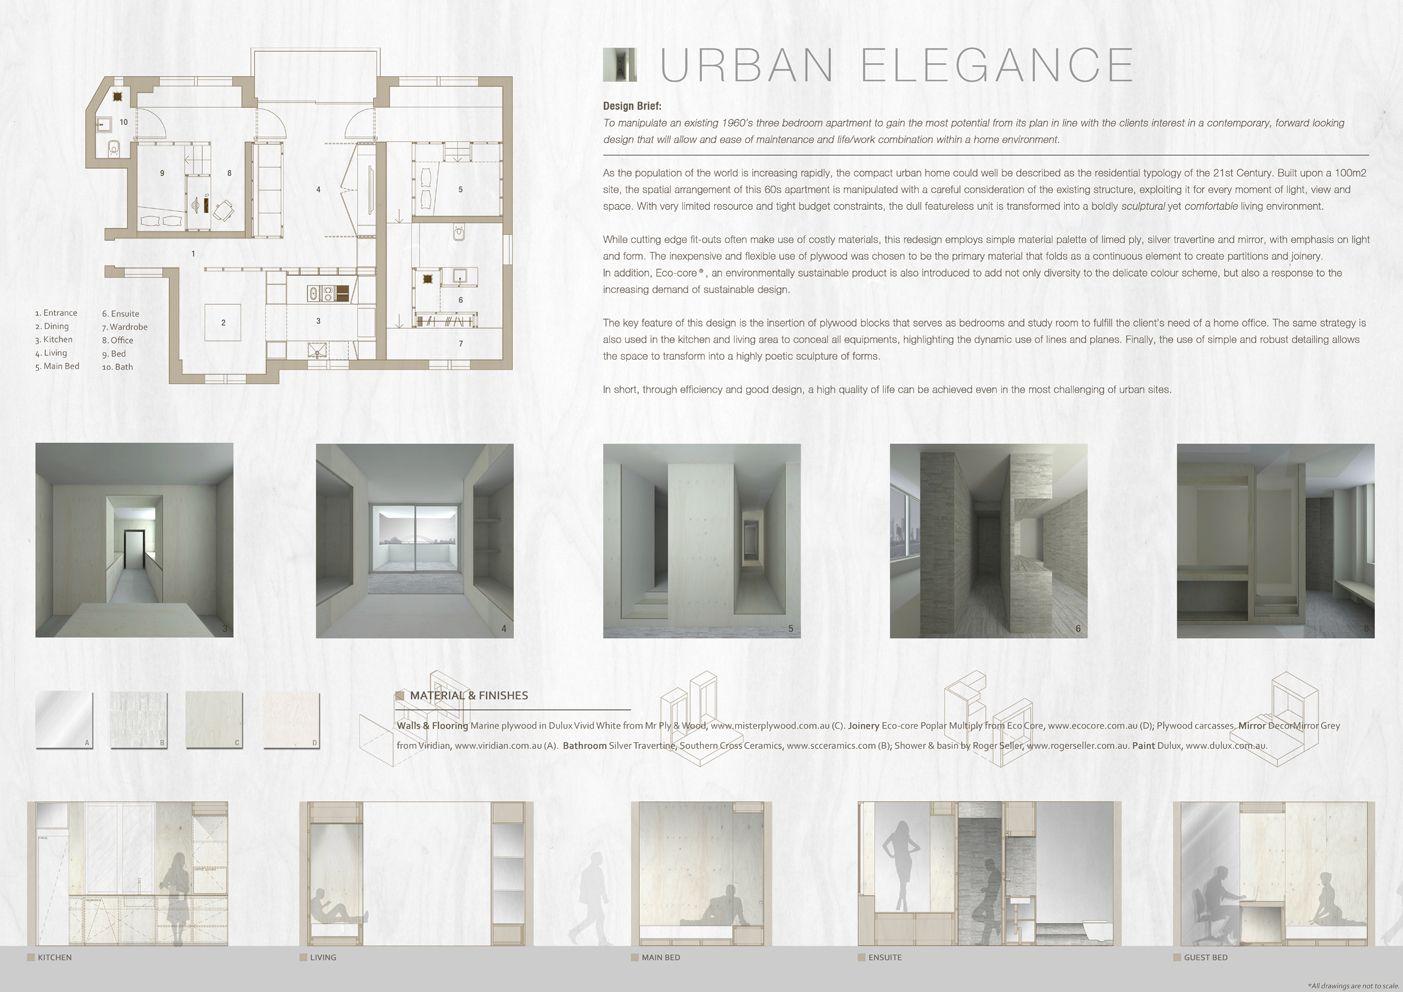 Interior Design Presentation With Images Interior Design